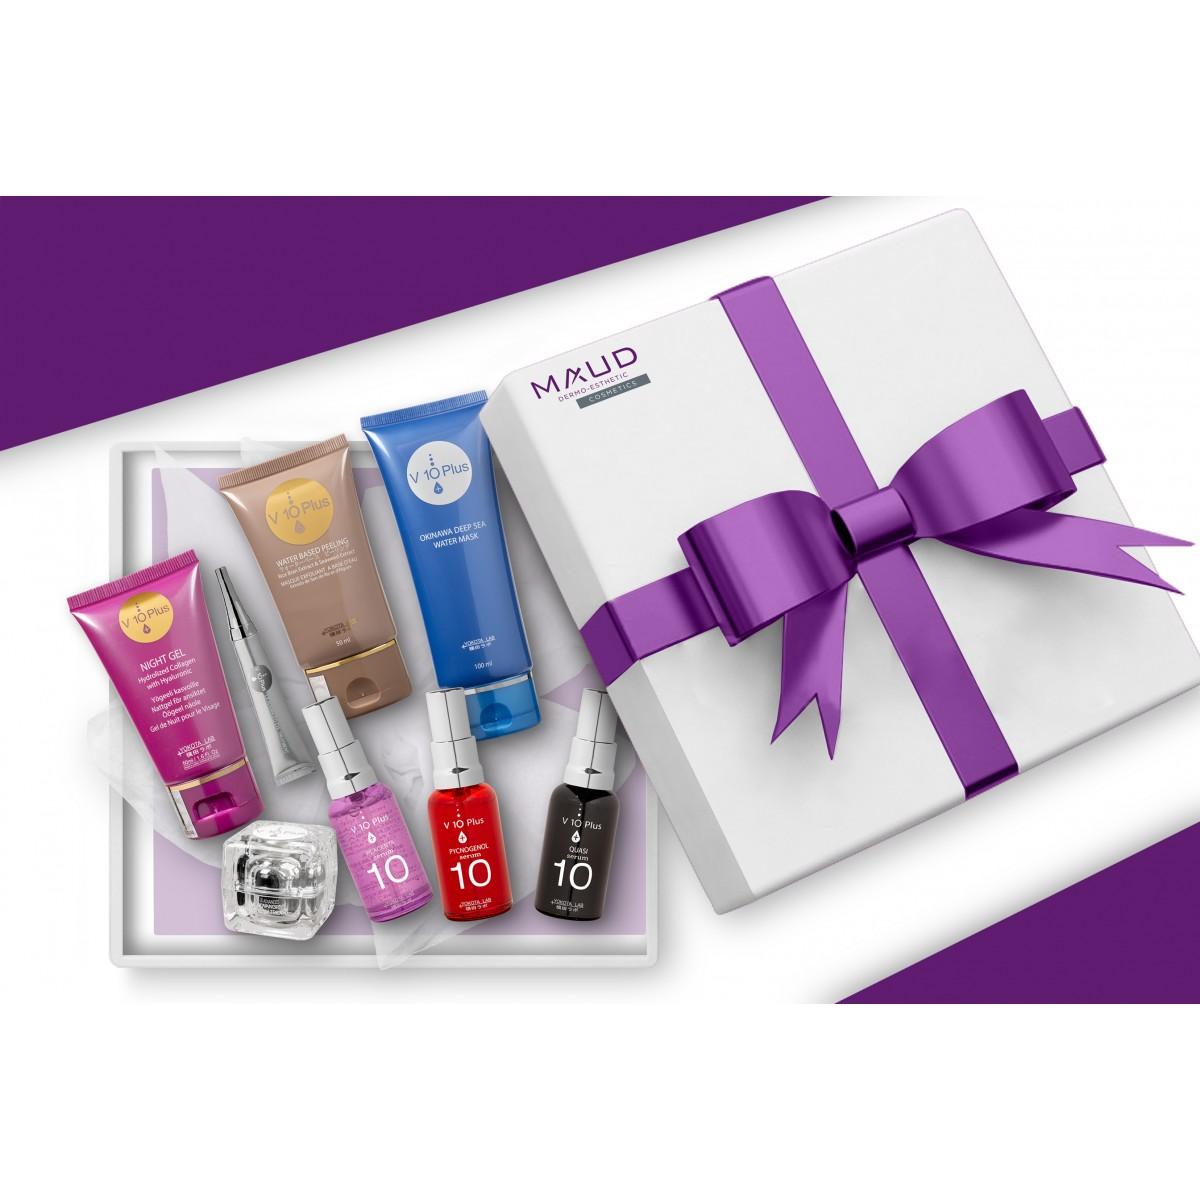 Coffrets Cadeaux - V10 PLUS - COFFRET ABSOLU ILLUMINATEUR DE TEINT PEAU MATURE V10+